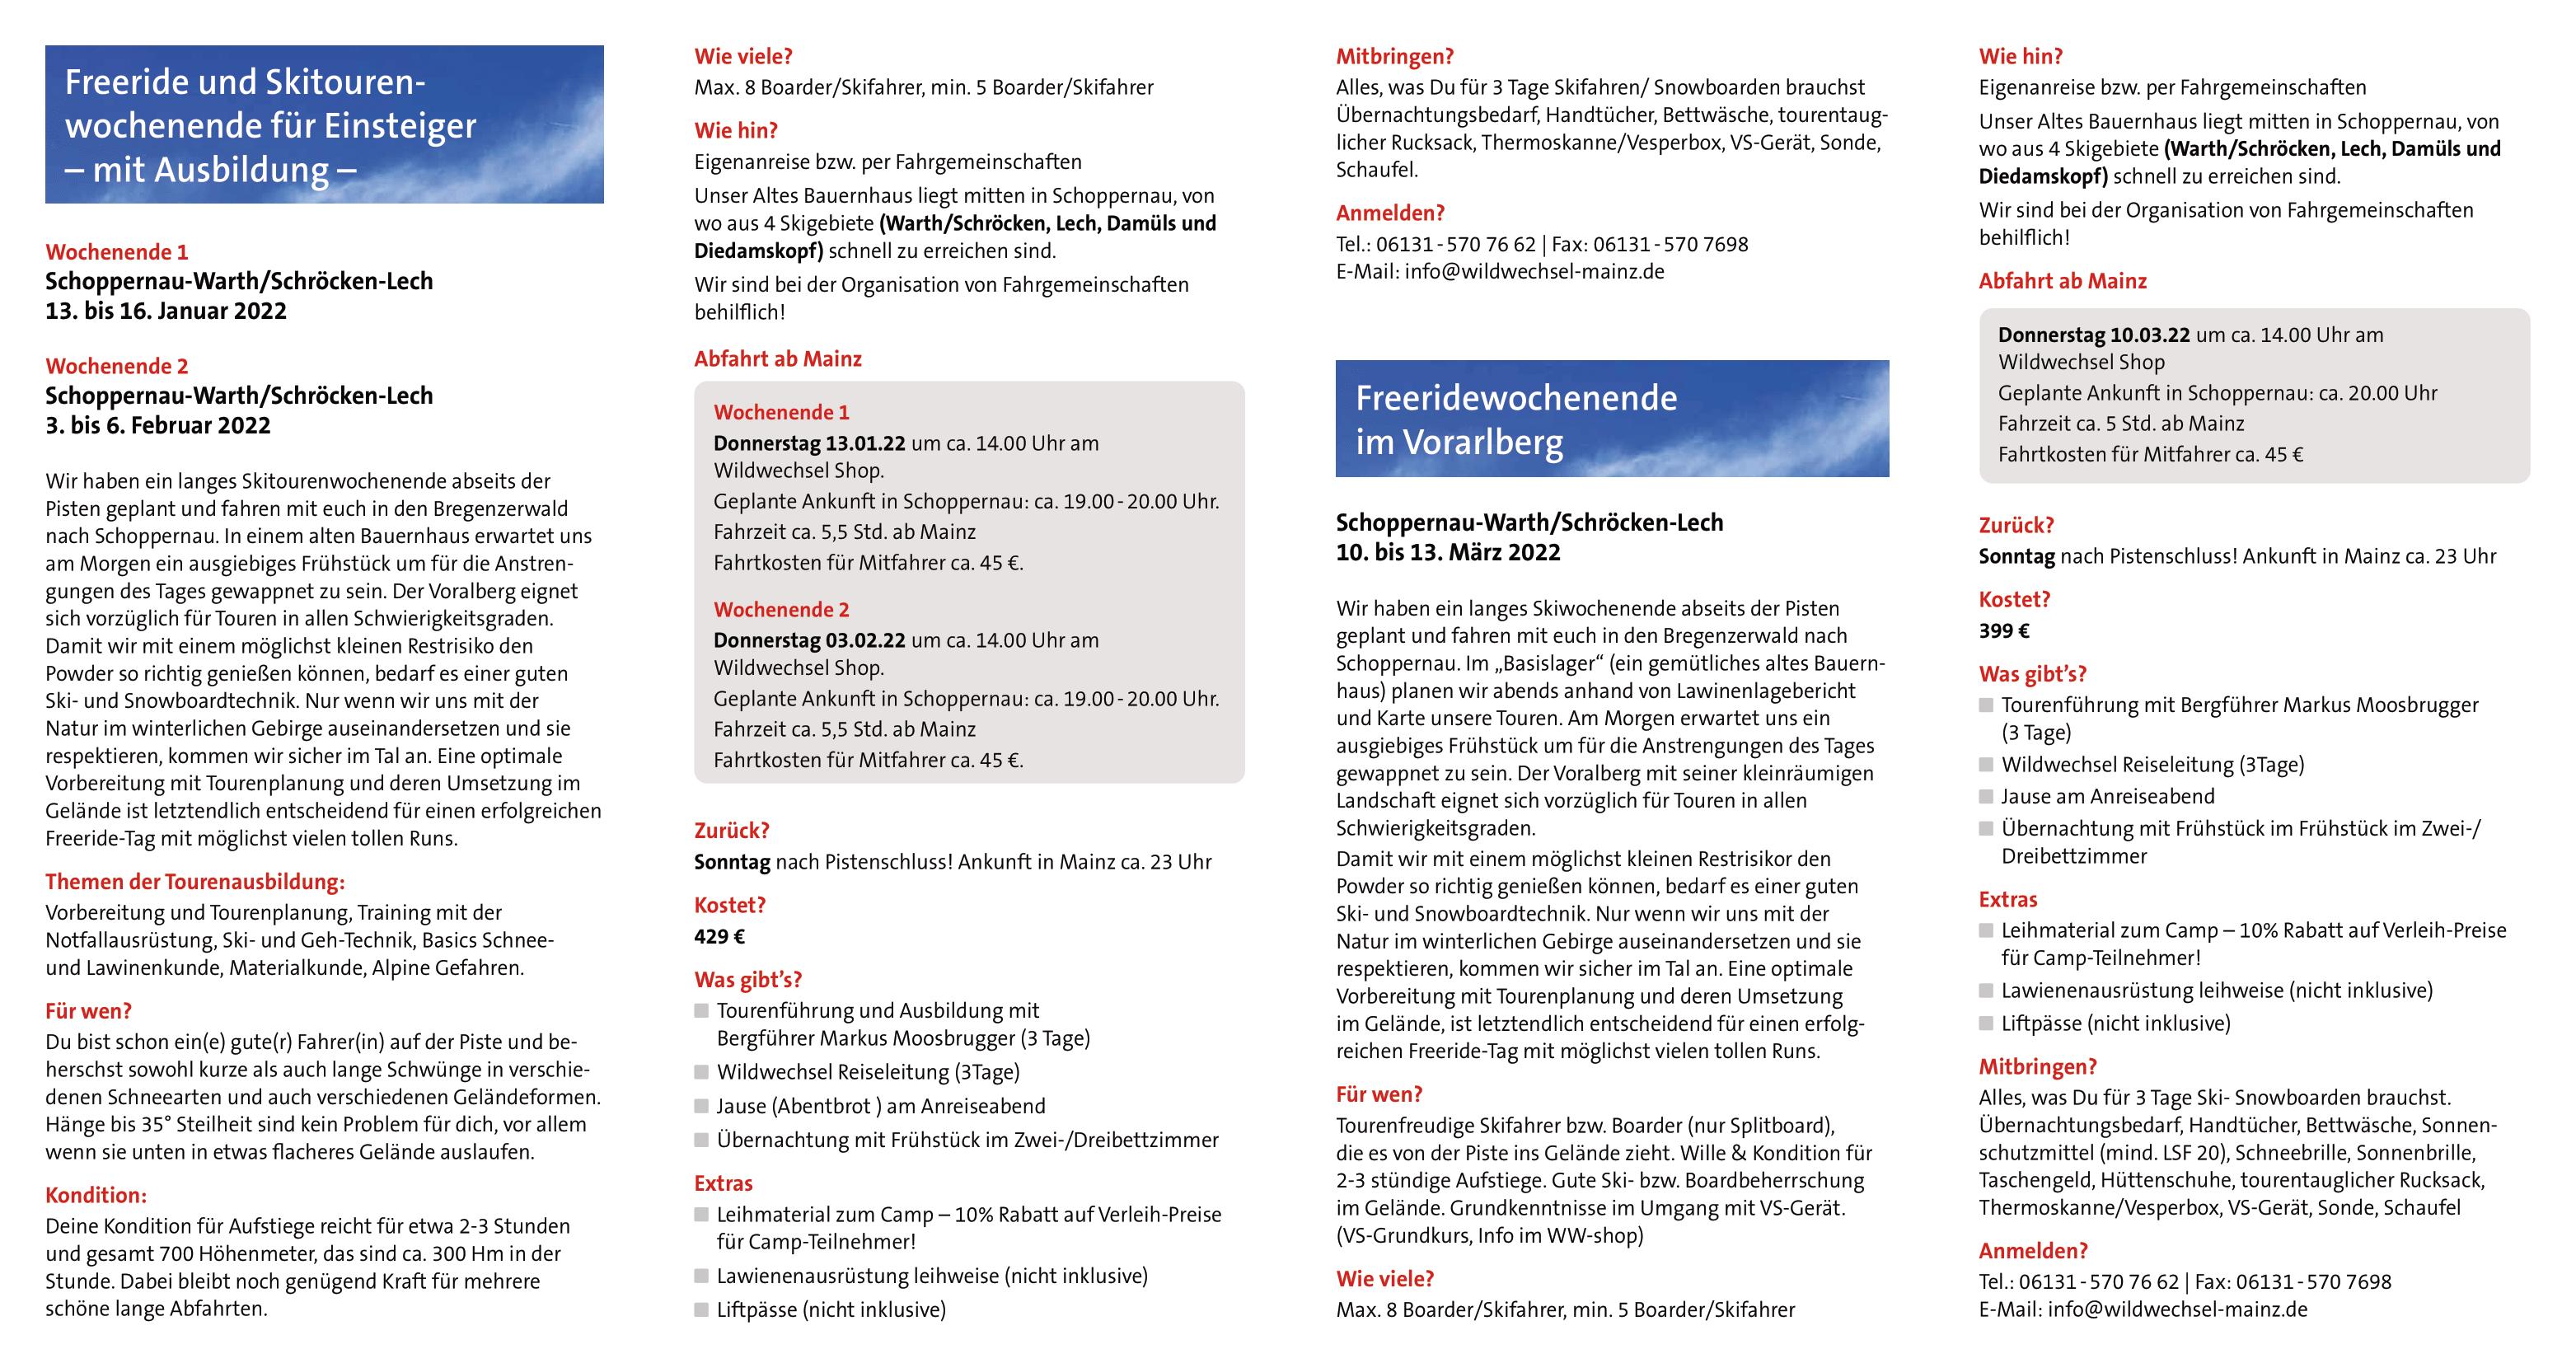 Wildwechsel_Skitouren-2022_web-2